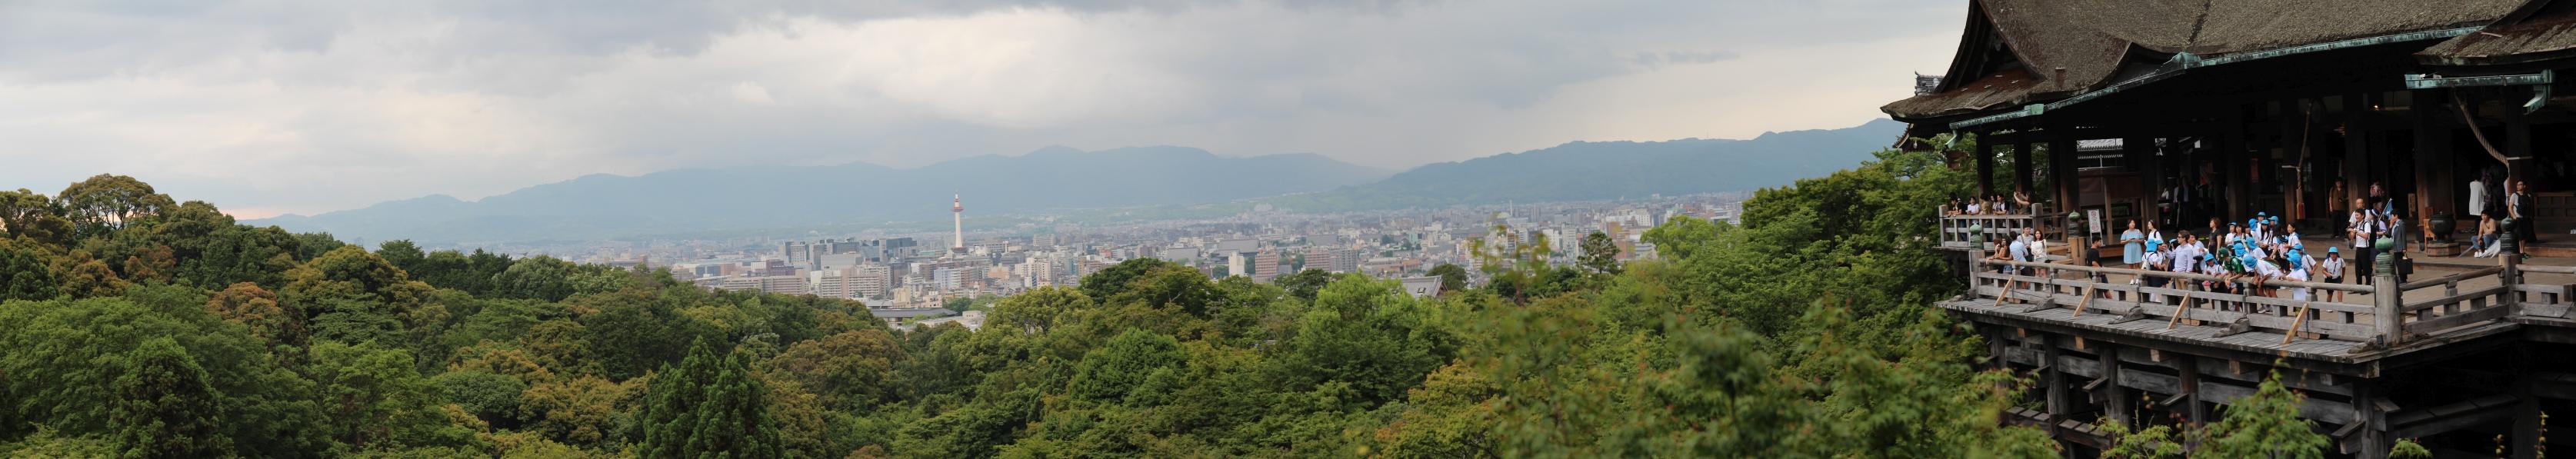 Japonia 09.06.2016 60